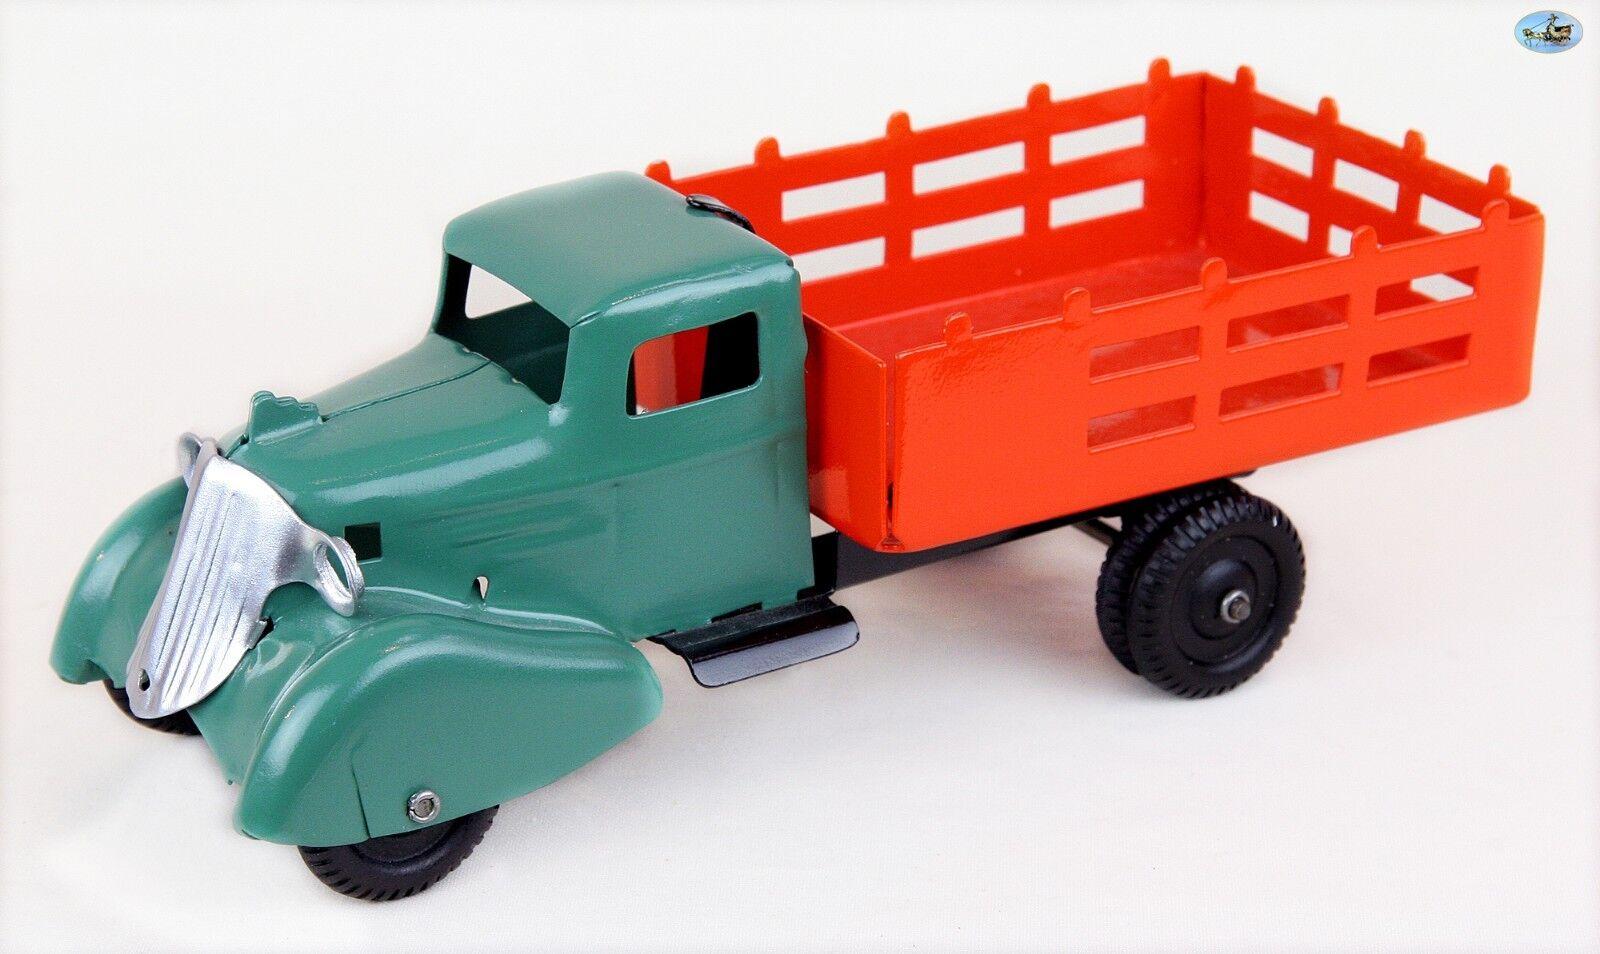 mejor precio Impresionante 1s Vintage Restaurado Pick Up Camión Camión Camión de acero prensado  ordene ahora los precios más bajos